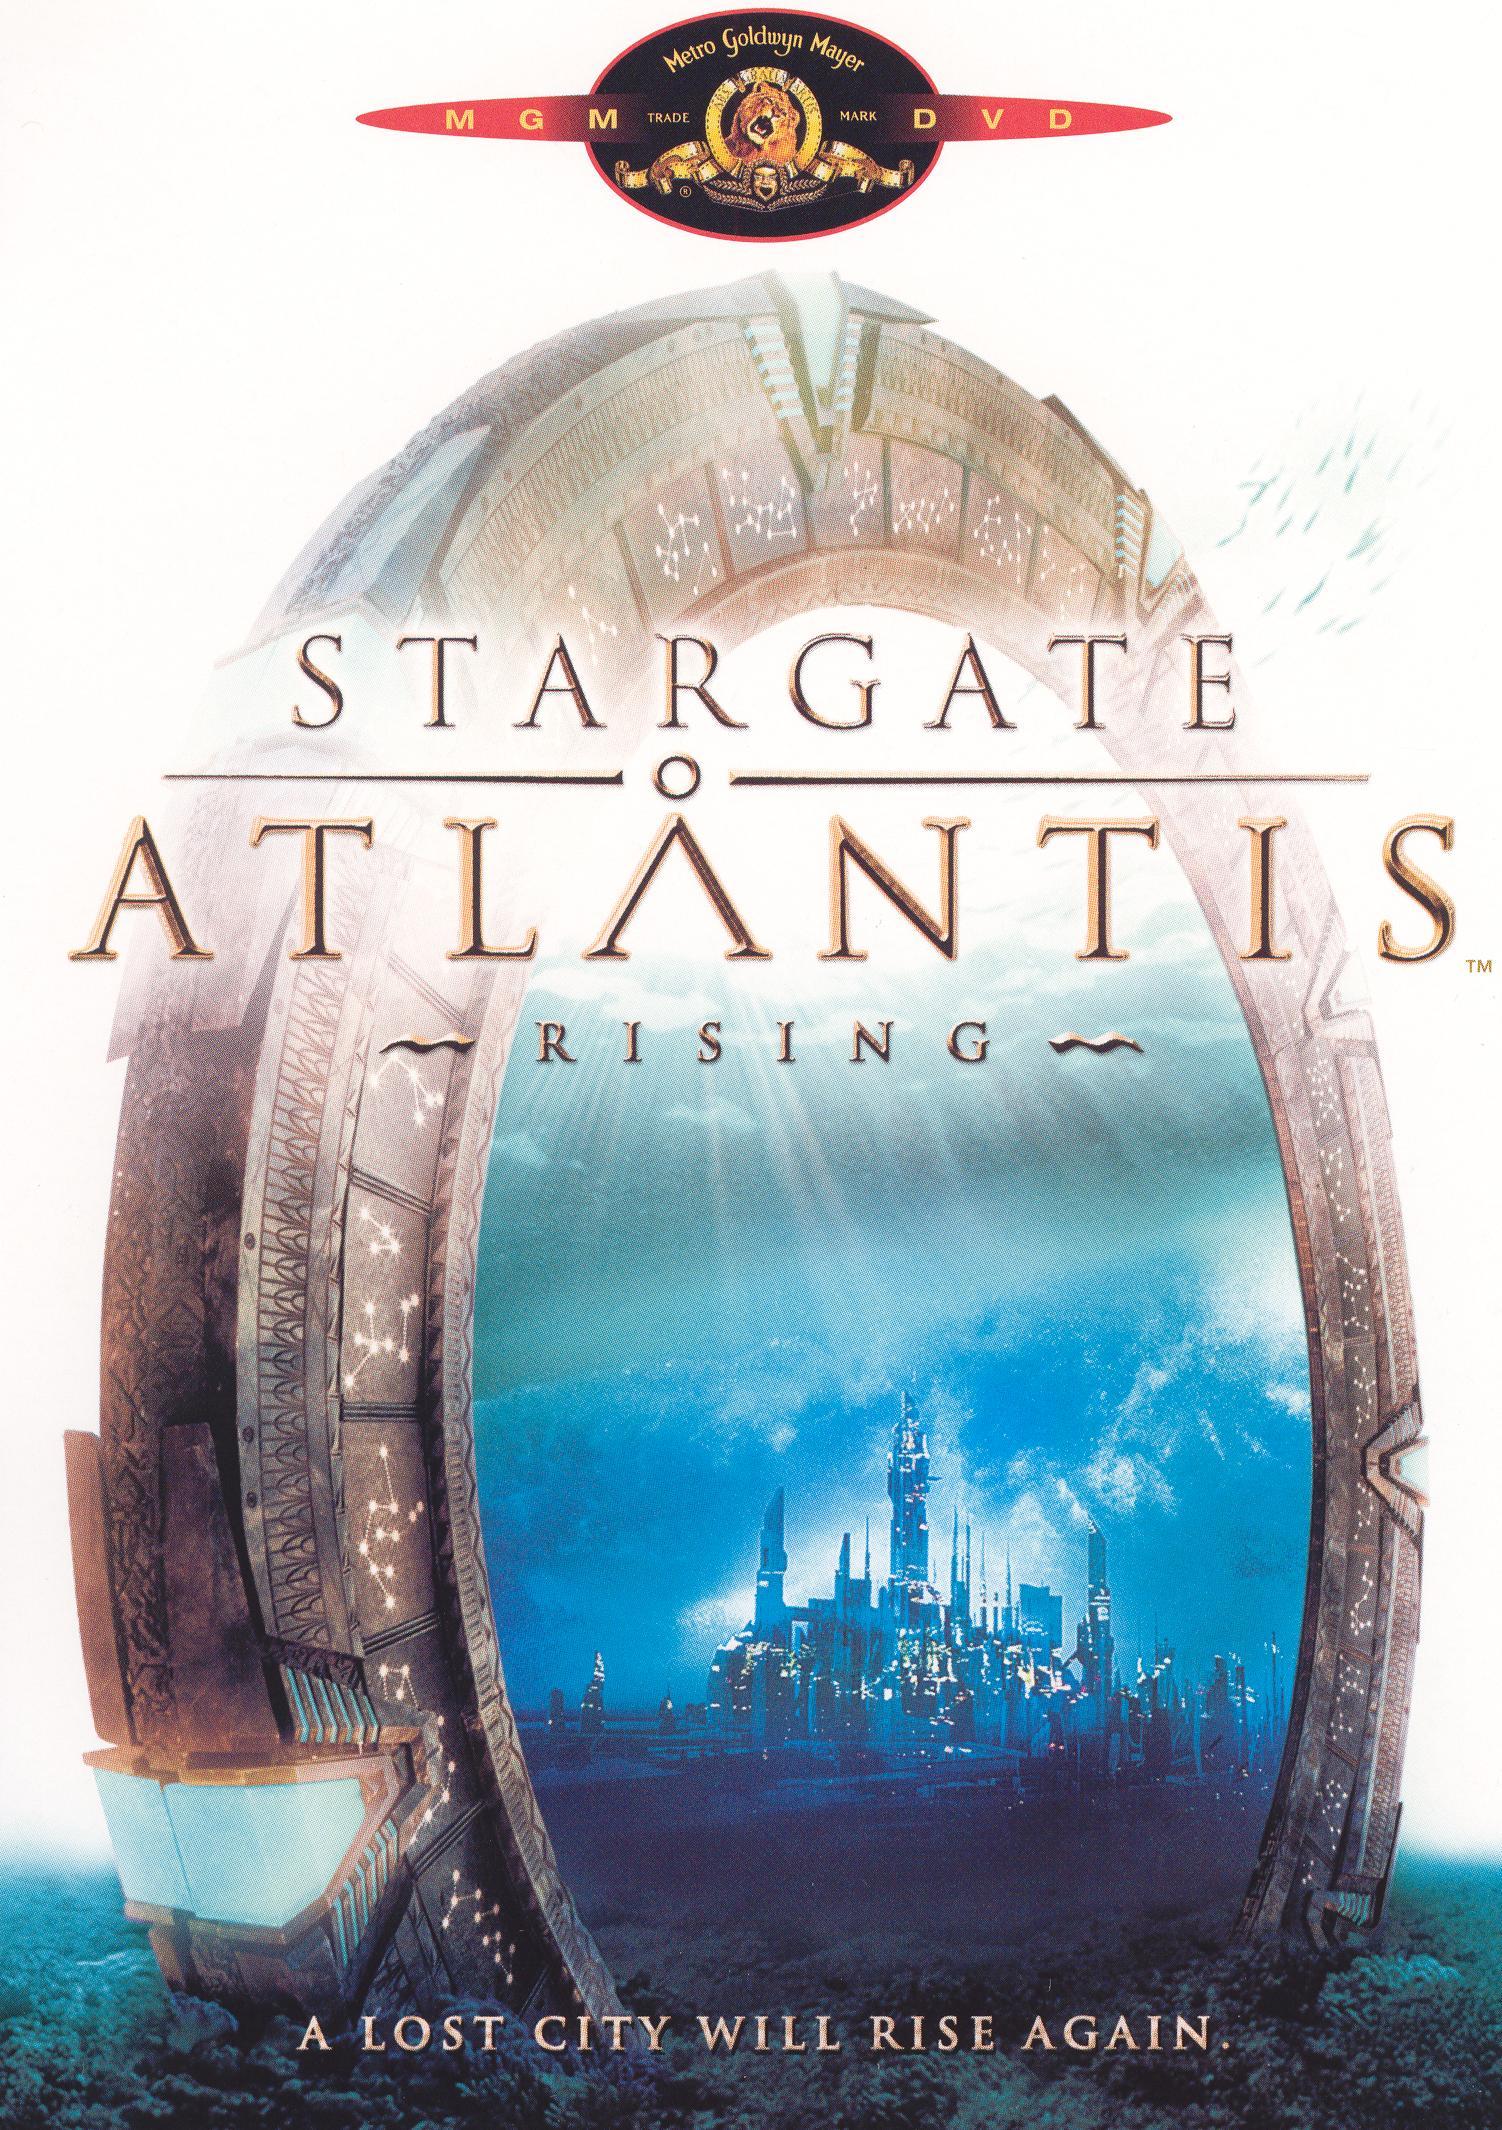 Stargate Atlantis: The Rising